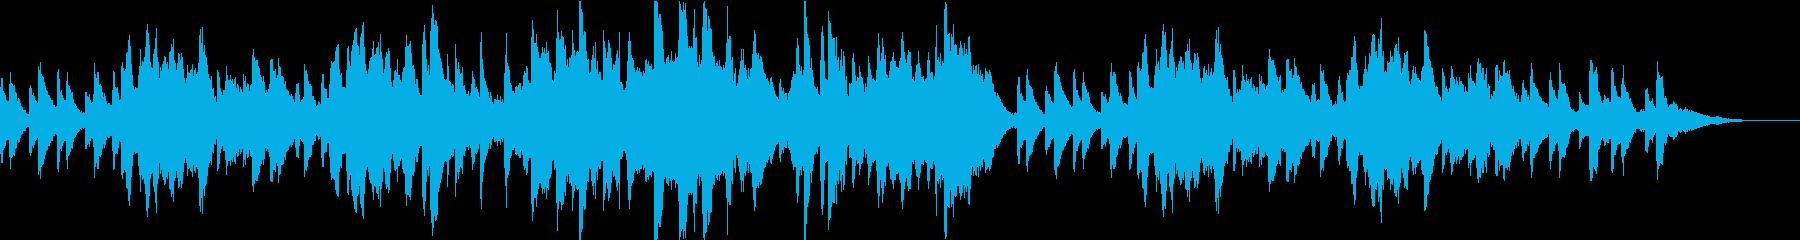 ジムノペディをリアルなチェロでの再生済みの波形